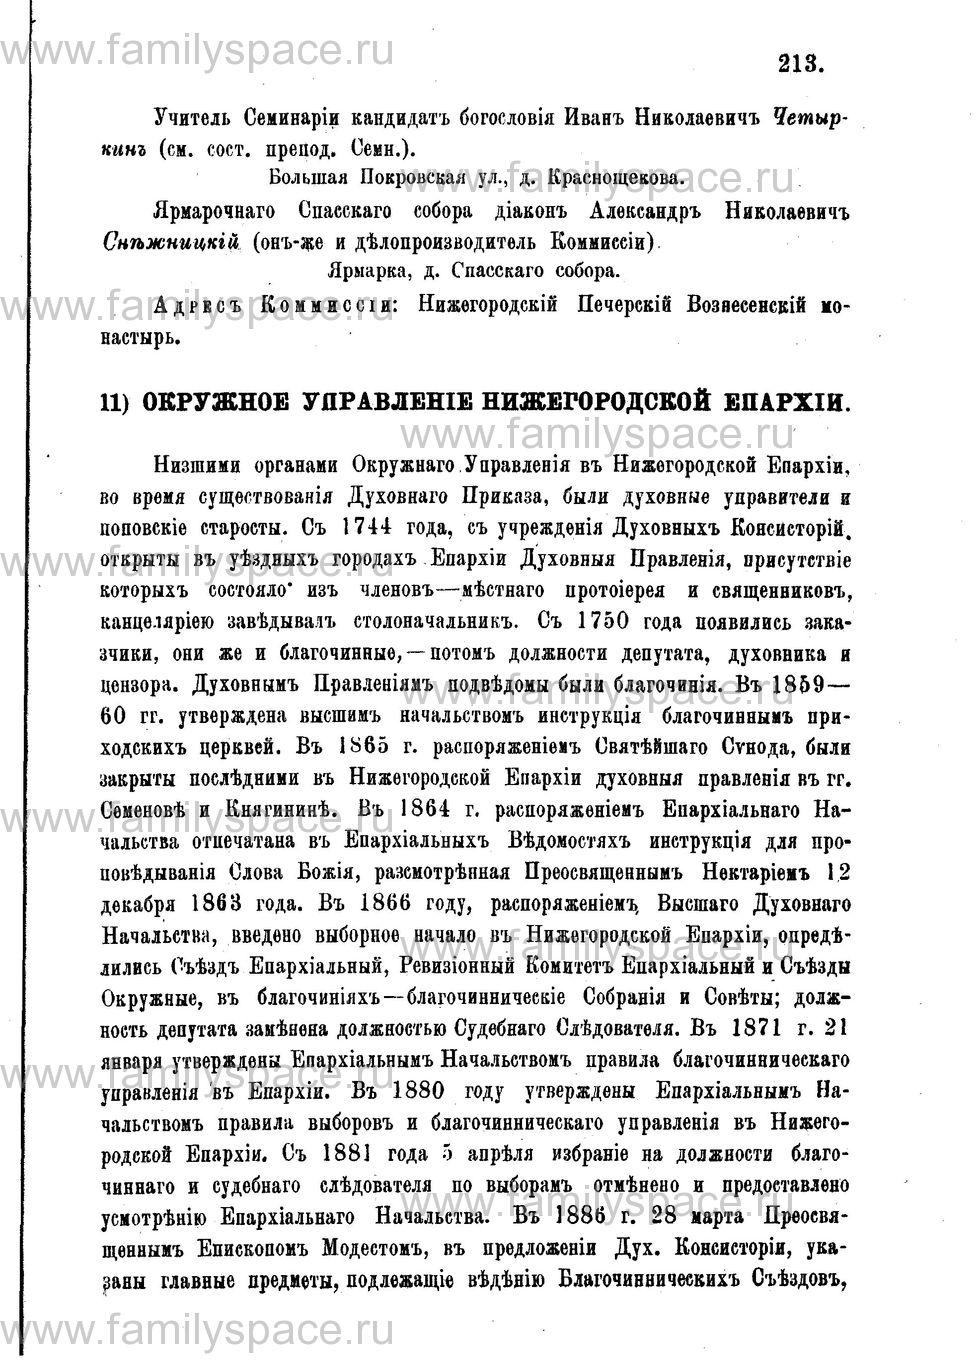 Поиск по фамилии - Адрес-календарь Нижегородской епархии на 1888 год, страница 1213